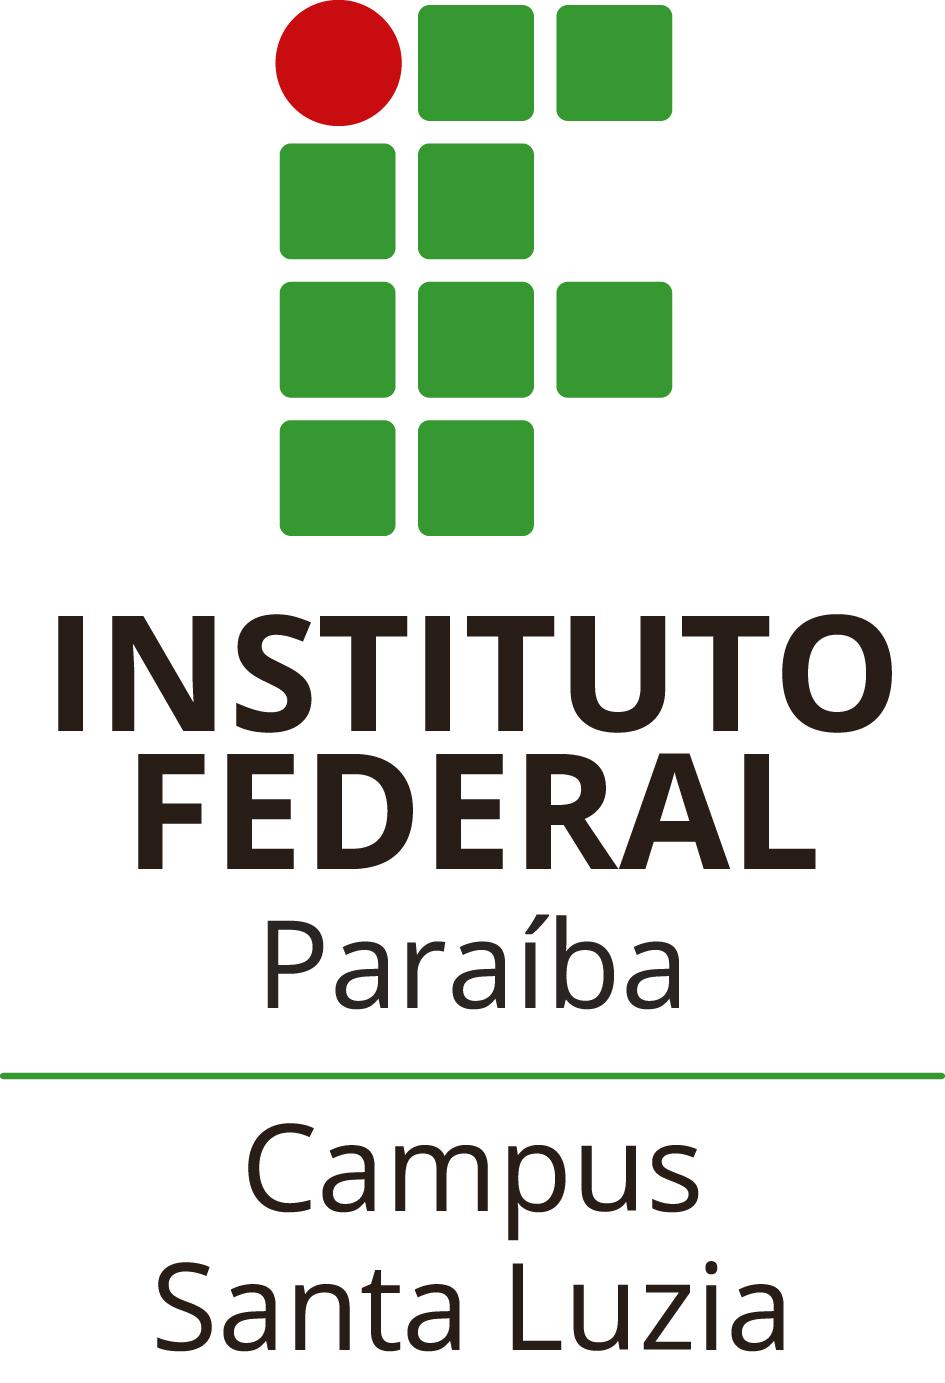 Campus Avançado Santa Luzia